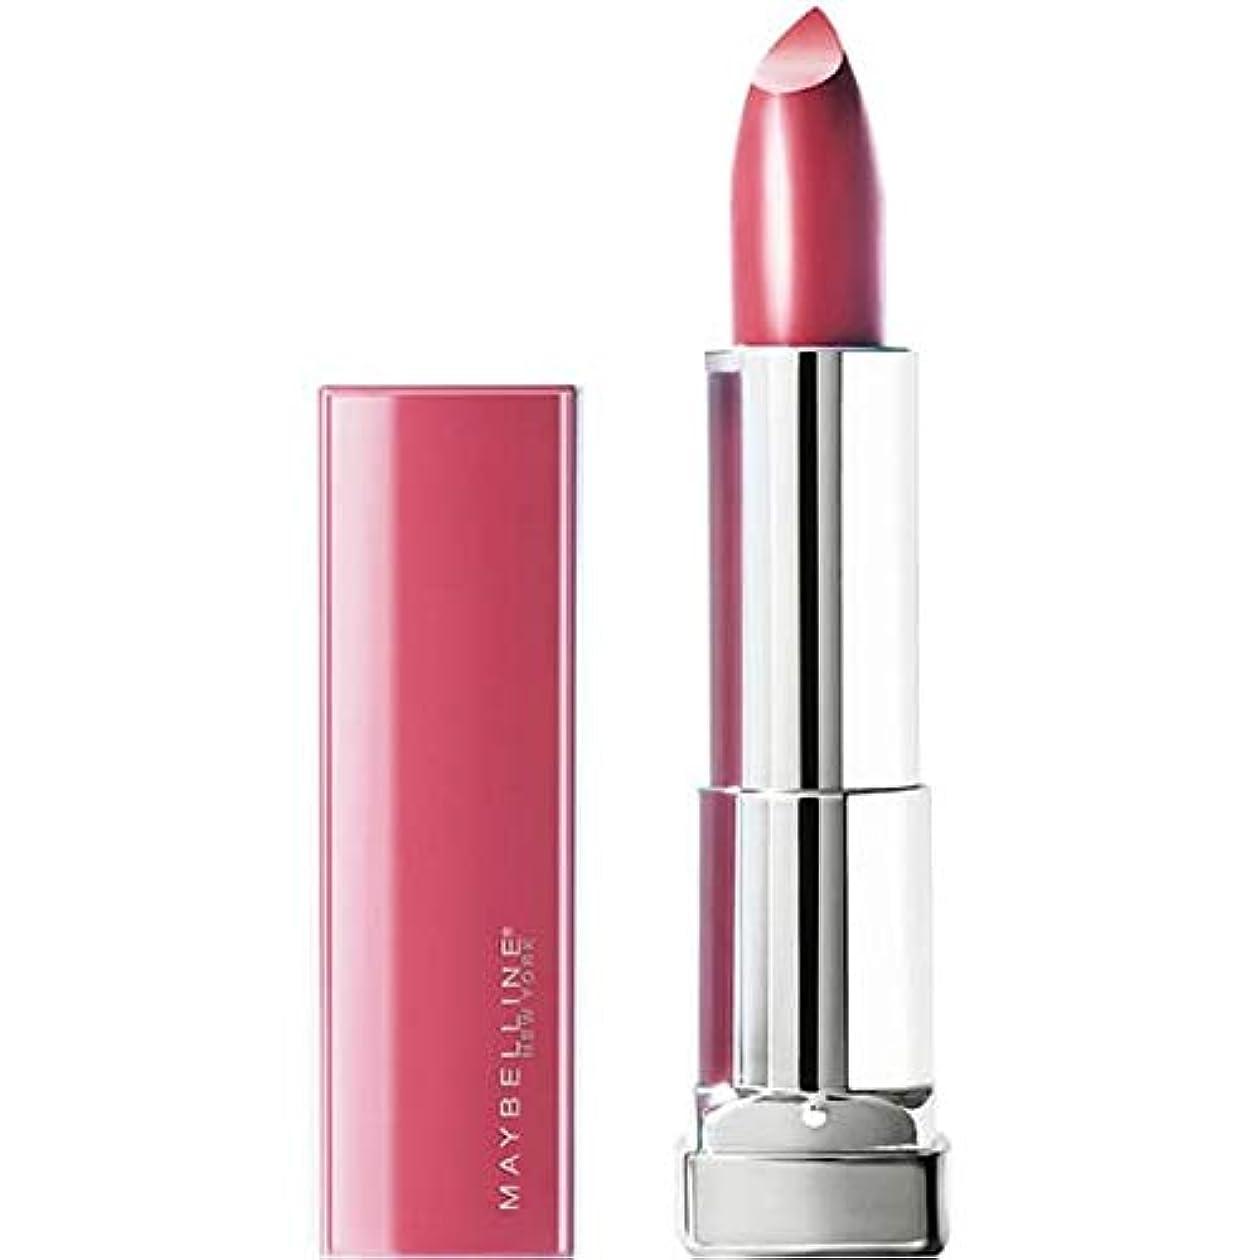 入場ジャグリングかご[Maybelline ] メイベリンの色はセンセーショナルな私のためにすべての376ピンクのために作られました - Maybelline Color Sensational Made For All 376 Pink...